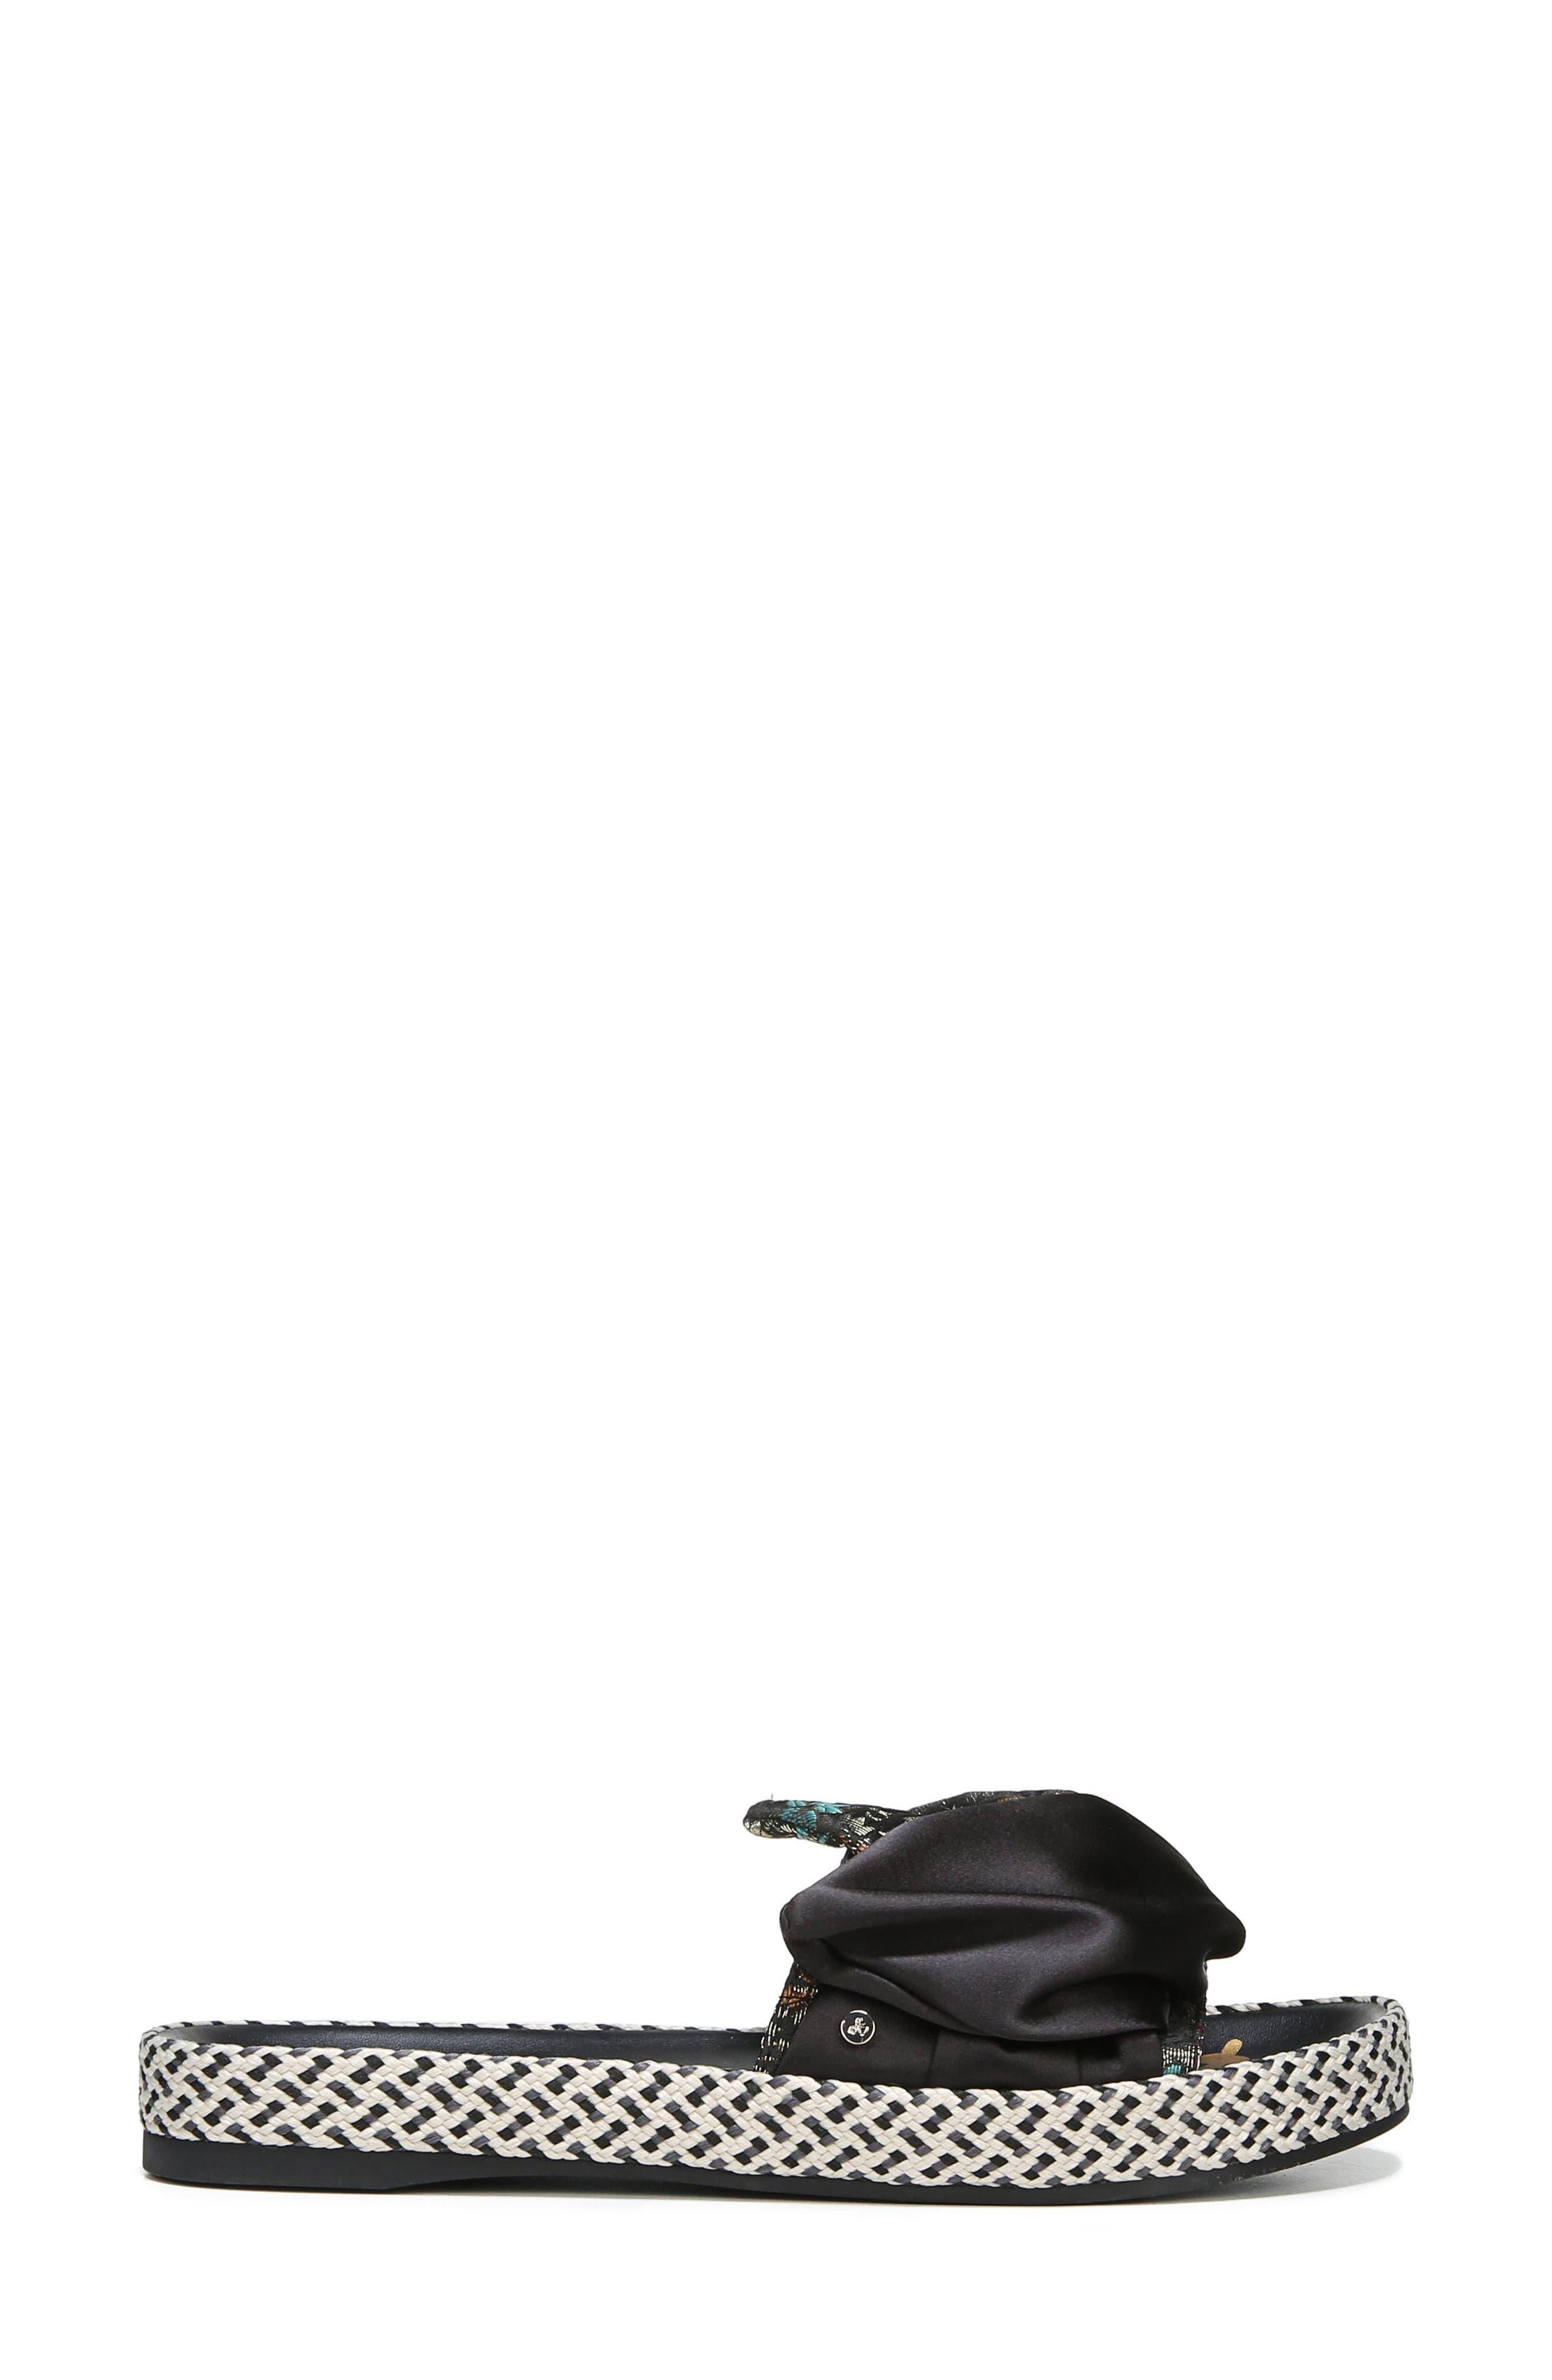 Bodie Slide Sandal,                             Alternate thumbnail 3, color,                             Black Floral Brocade